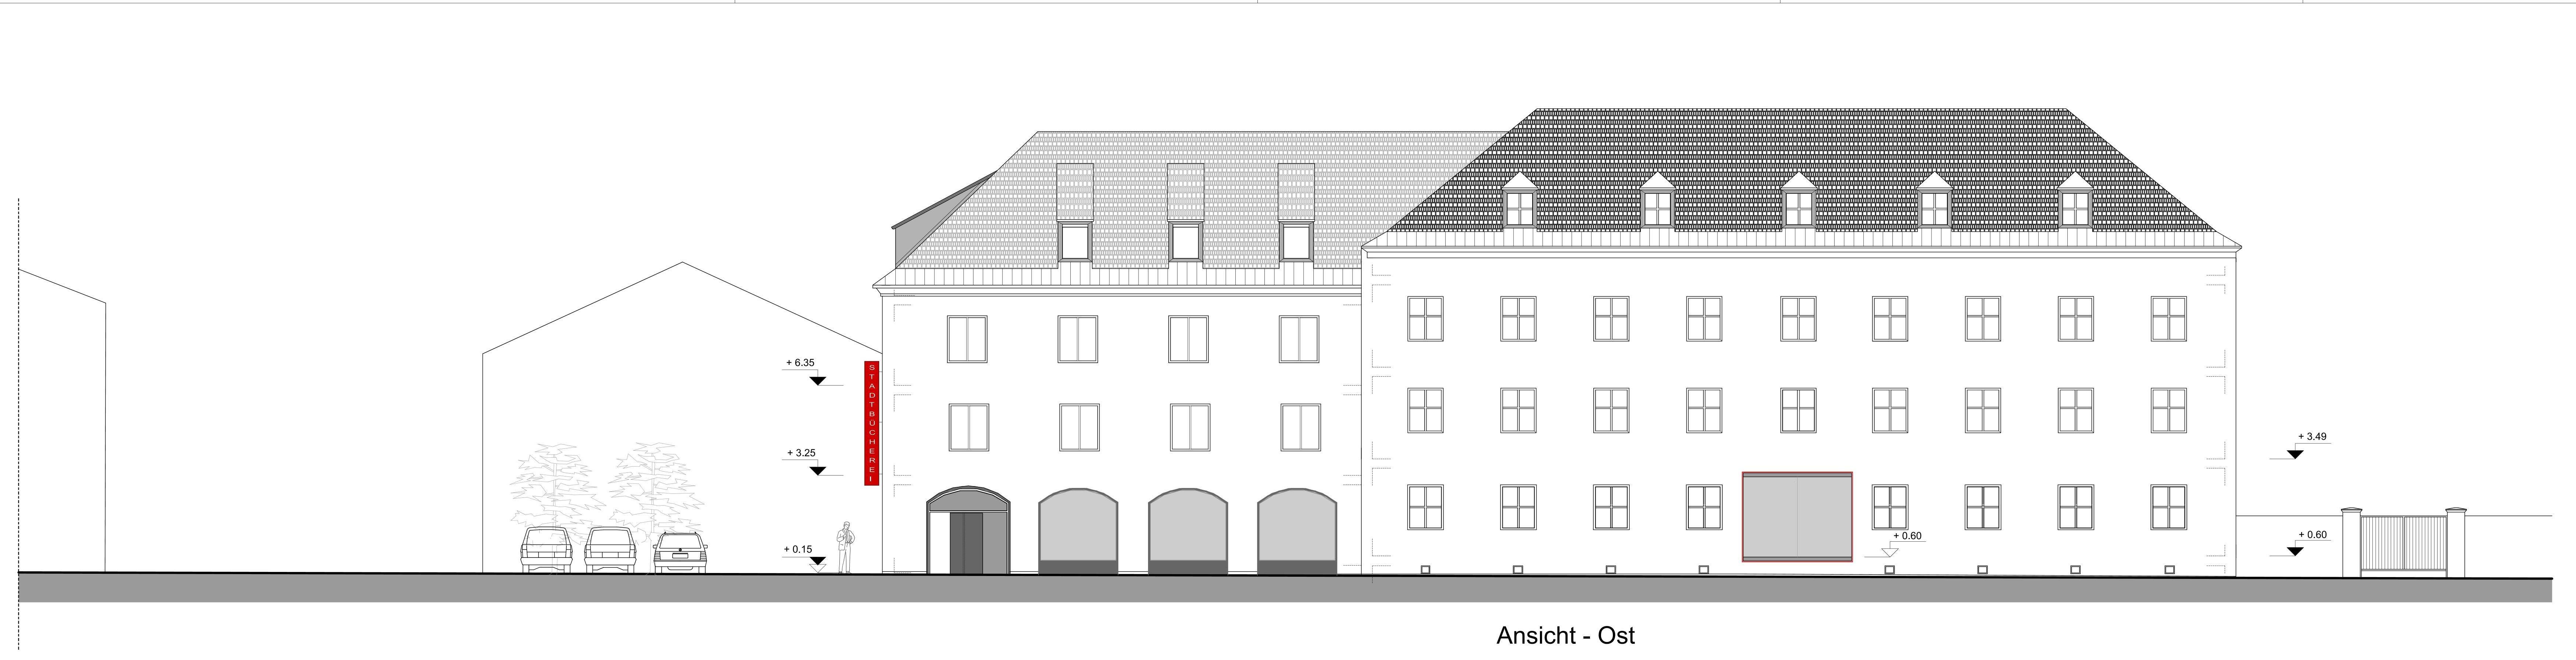 https://0501.nccdn.net/4_2/000/000/038/2d3/Stadt--herei-Lienz-Ansichten_Page_1---Kopie-6994x1791.jpg